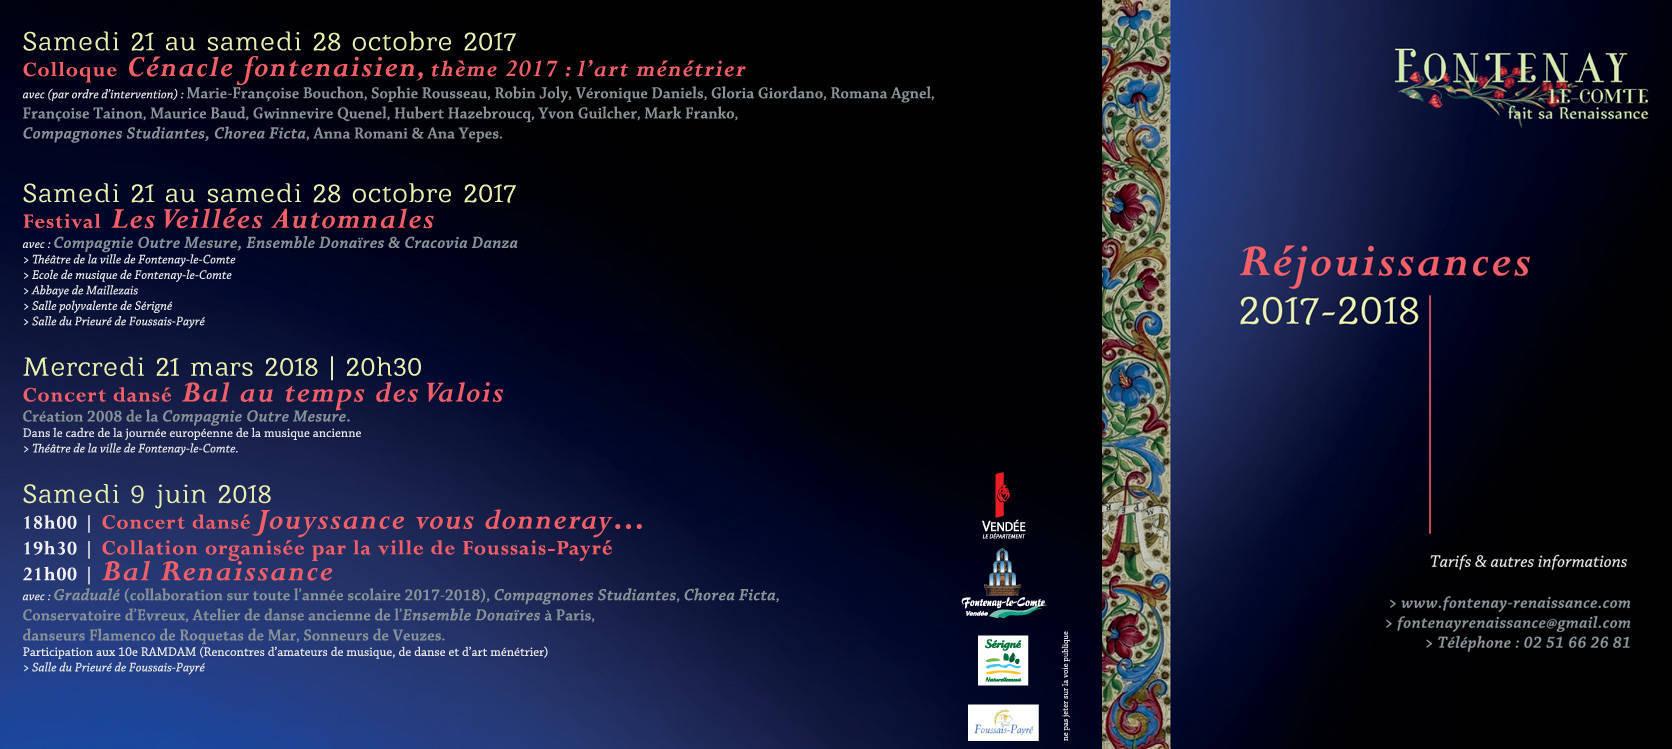 fontenay le comte fait sa renaissance - programme des réjouissances 2017-2018